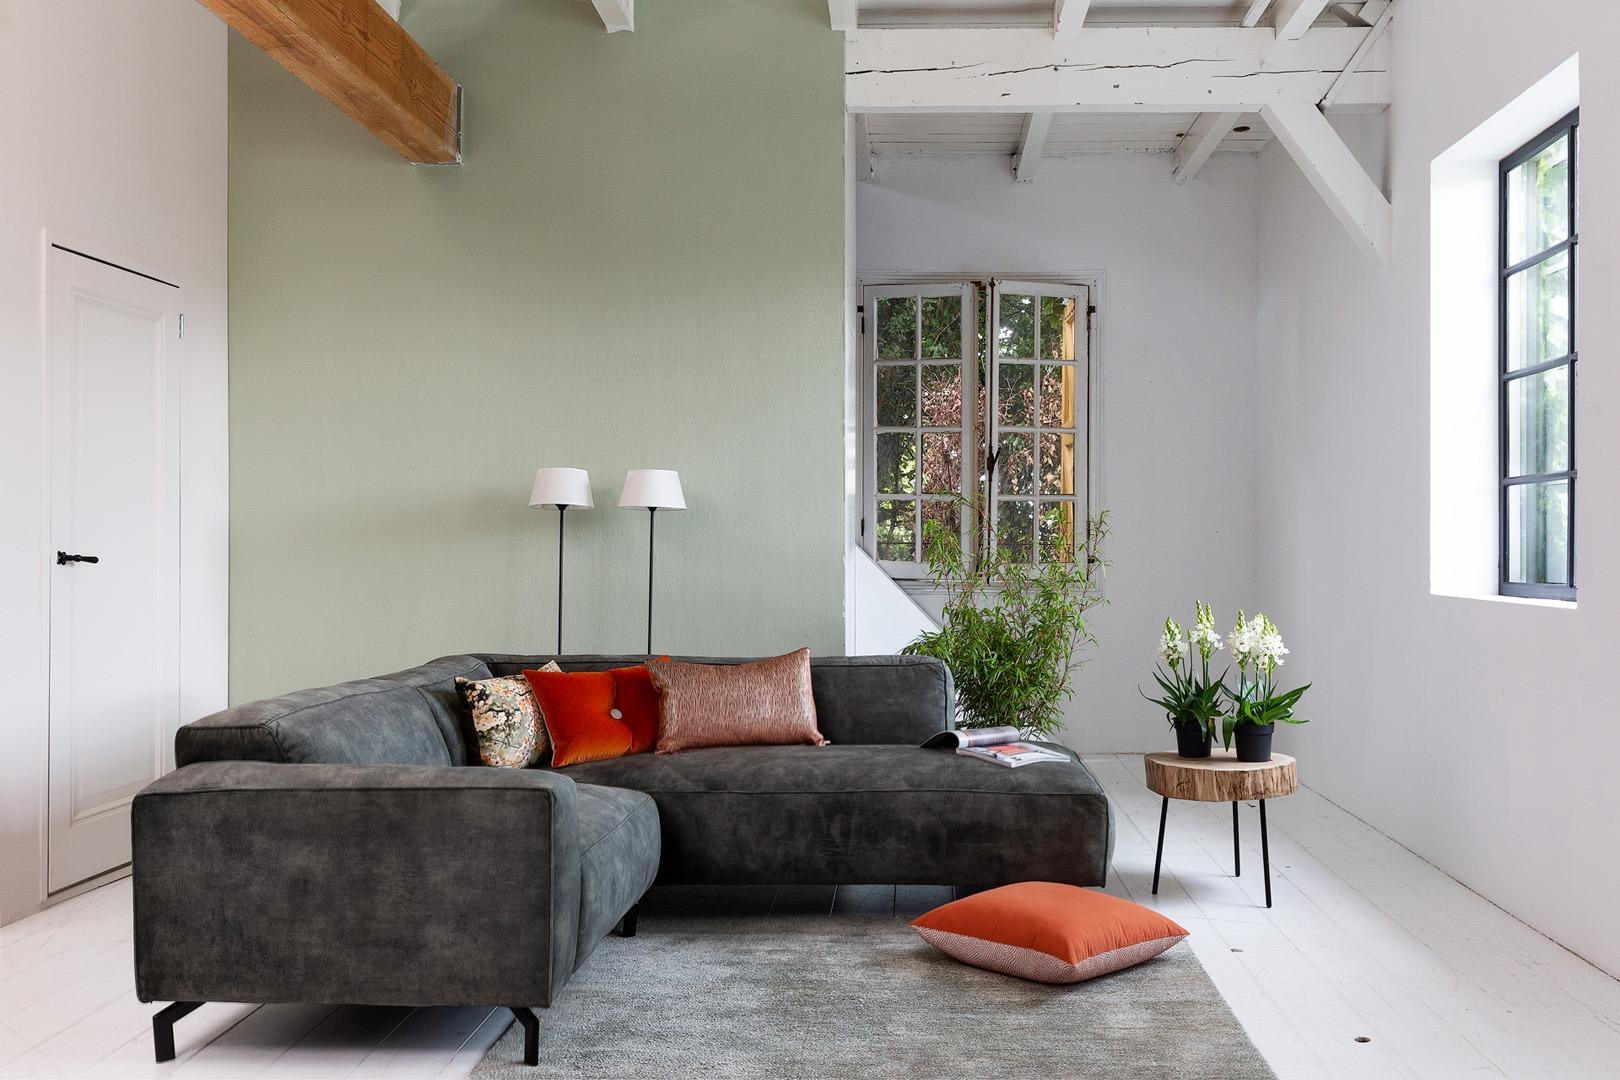 chill-ibiza-hoekbank-met-longchair-grijs-stof-soofs-interieur (1)